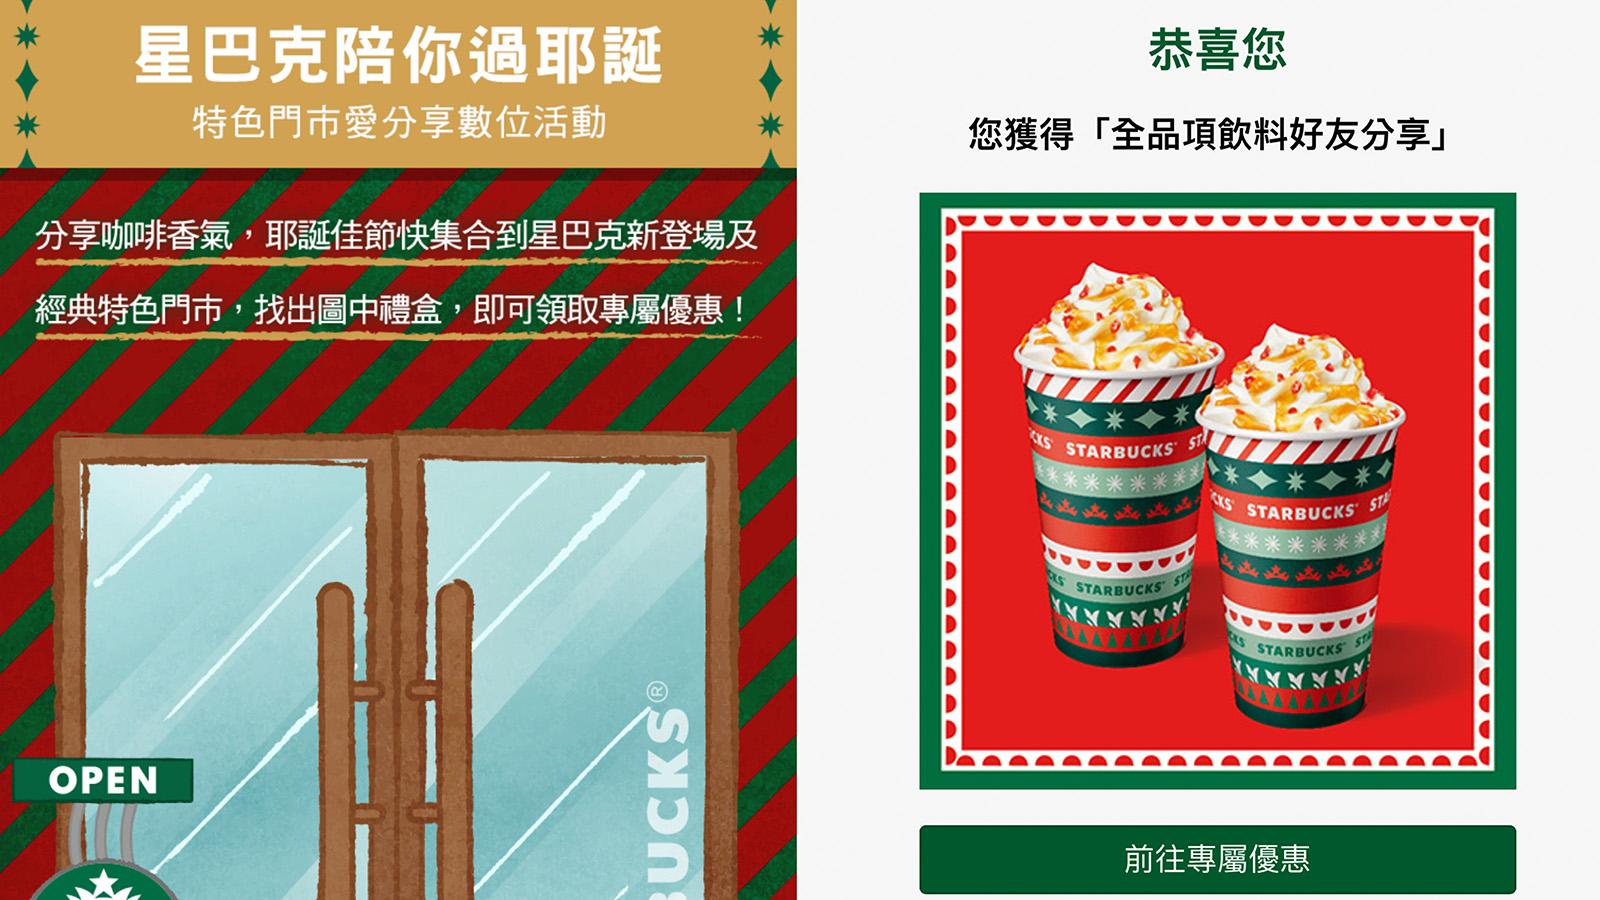 ☆【優惠】2020 星巴克Starbucks買一送一 最新優惠活動(更新中)2020/11/30(一)-2020/12/25(五) @凱的日本食尚日記